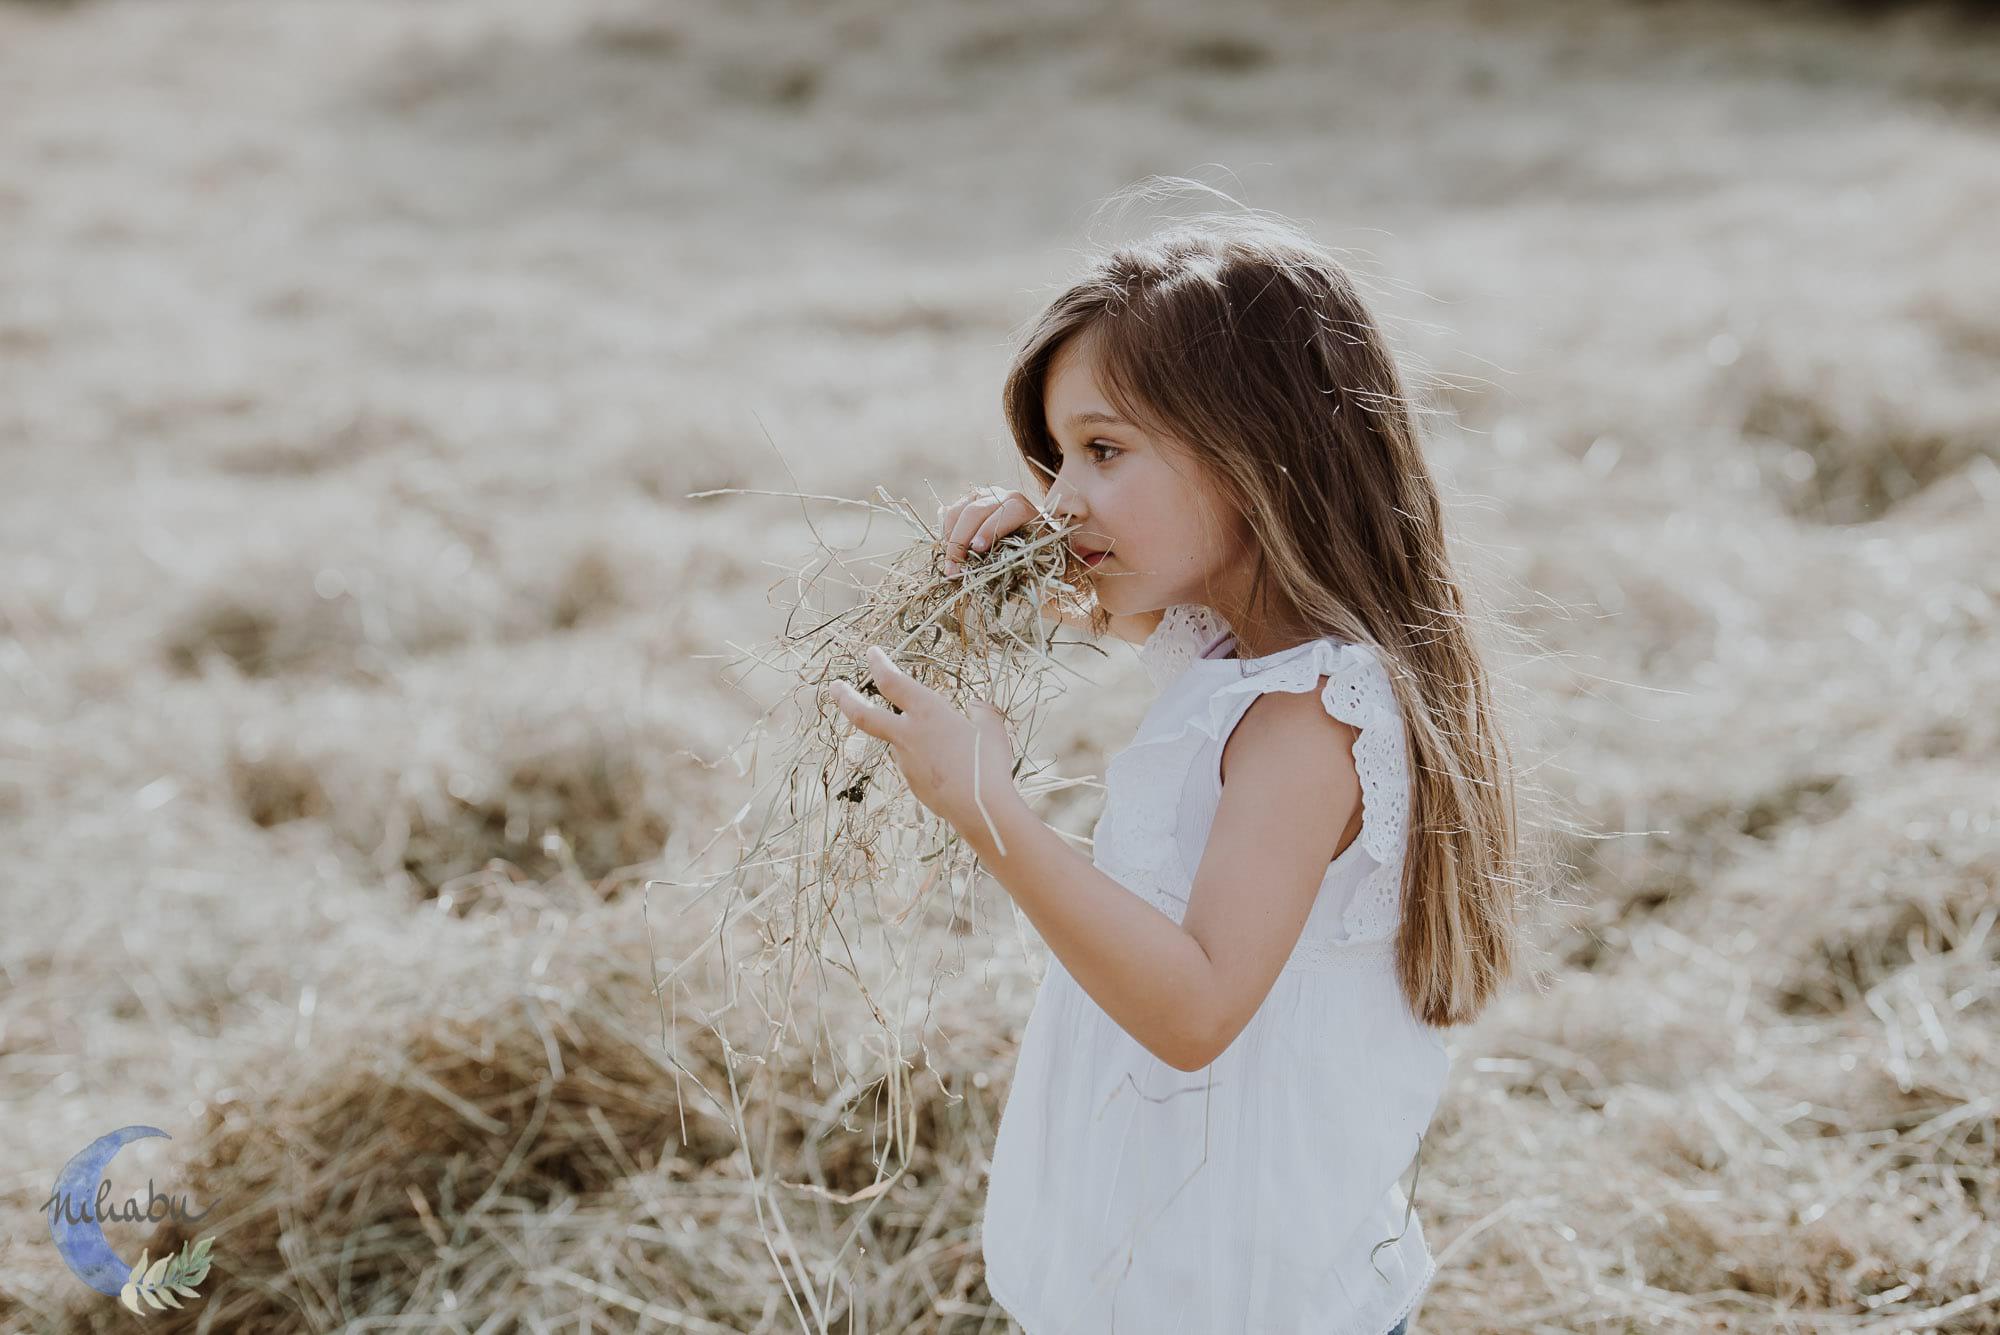 Kinderfotografin-Trier-Kornfeld-Blumenwiese-31